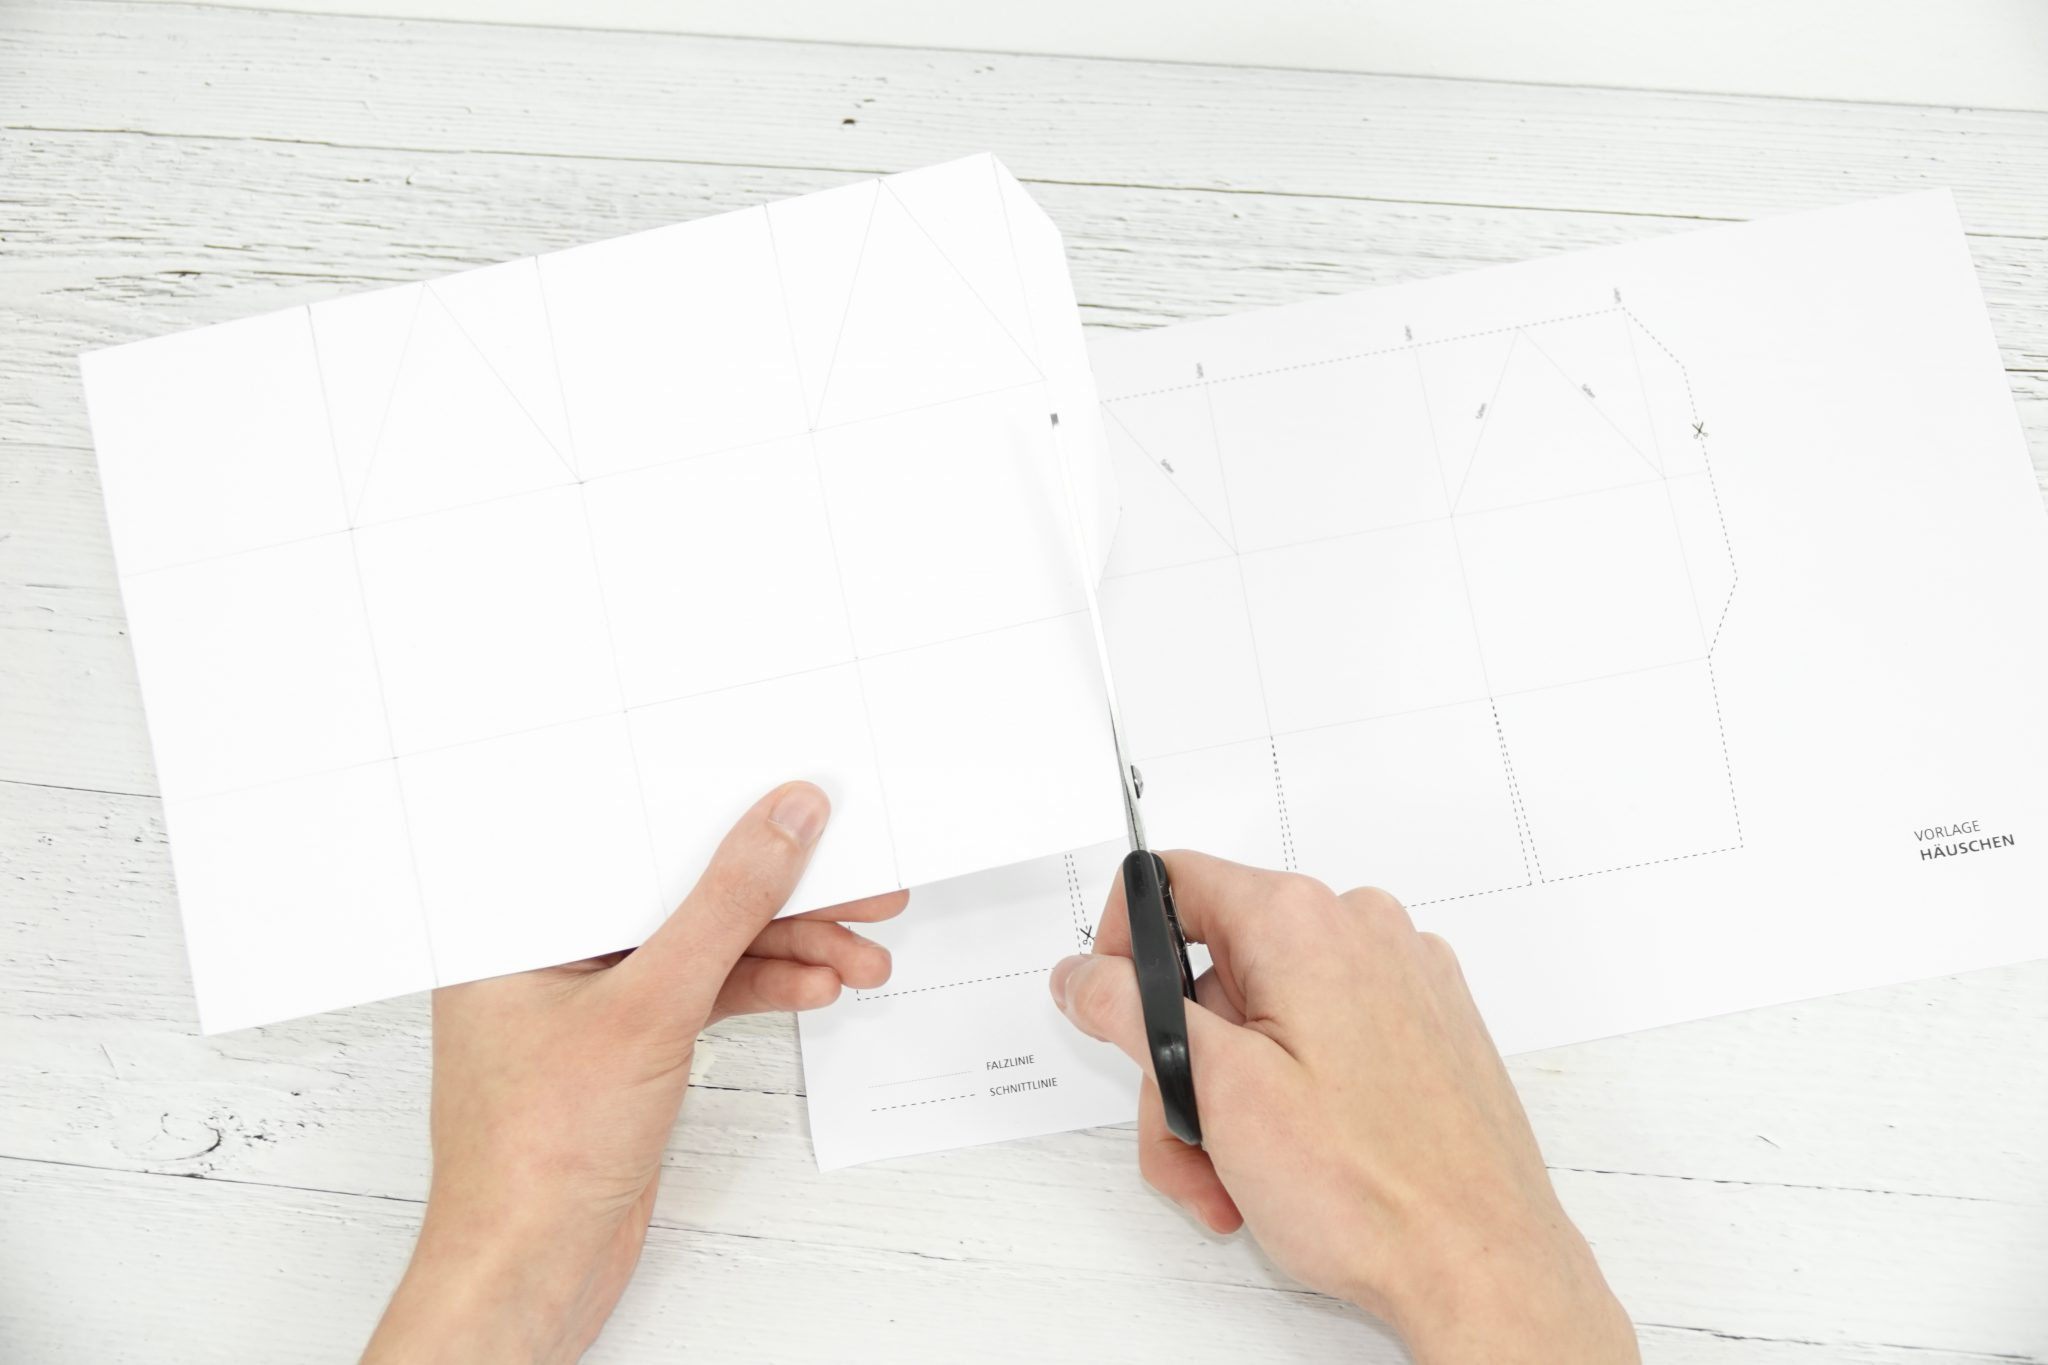 Schritt 1: Vorlage ausschneiden, auf ein separates Tonpapier übertragen und dieses ausschneiden